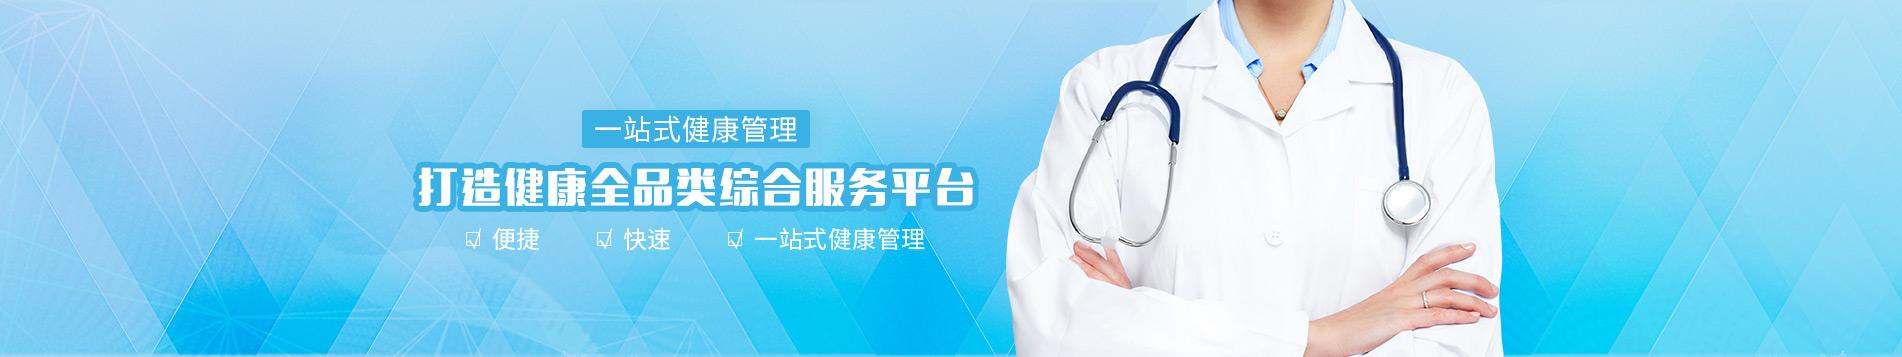 一站式健康管理